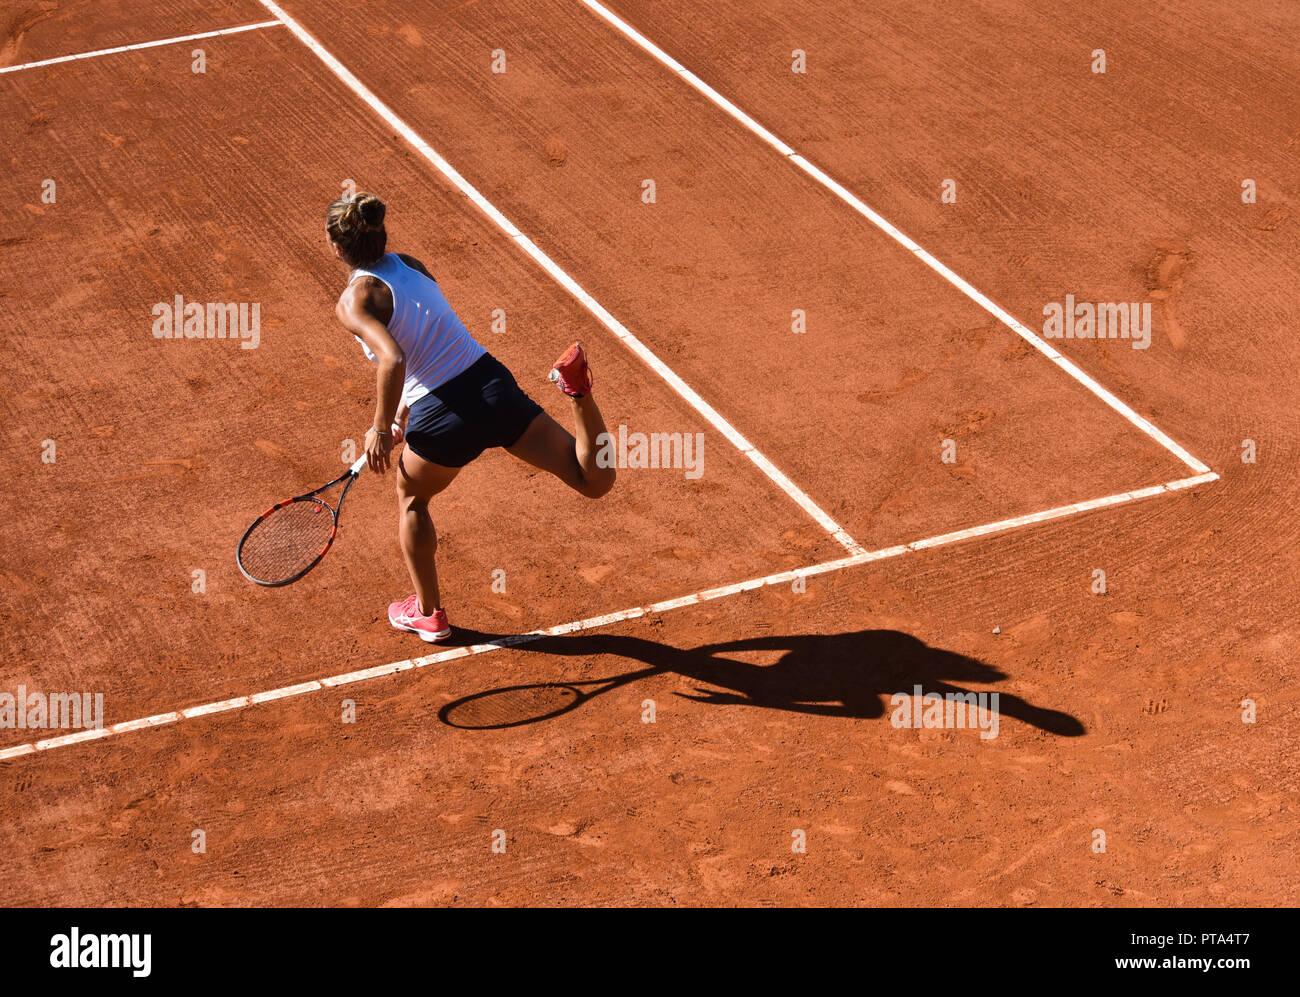 Detalles de un partido de tenis femenino Foto de stock